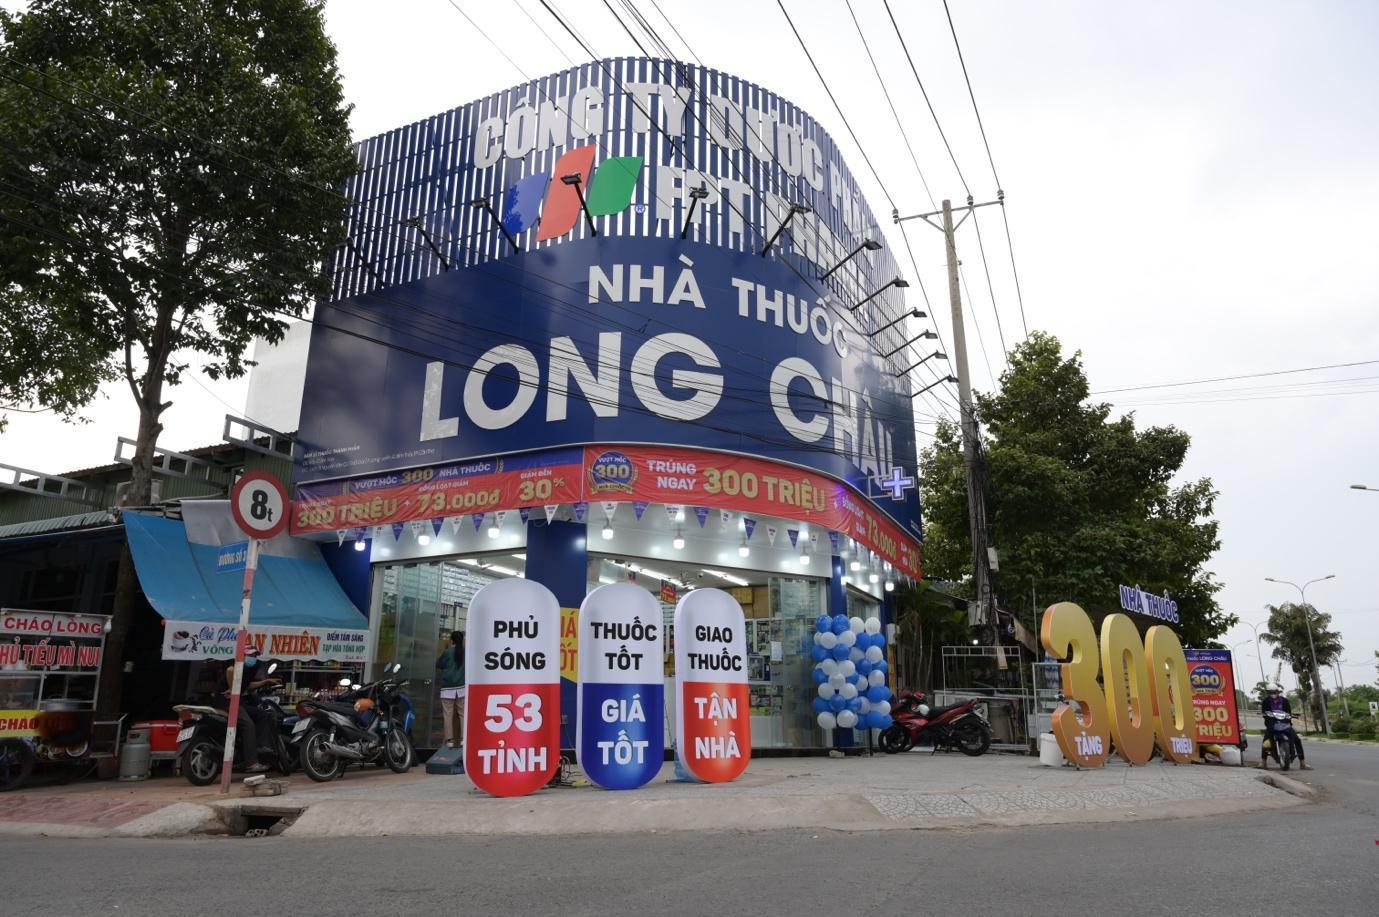 Hệ thống nhà thuốc FPT Long Châu bứt phá mở thêm 100 nhà thuốc trong vòng 6 tháng - Ảnh 1.